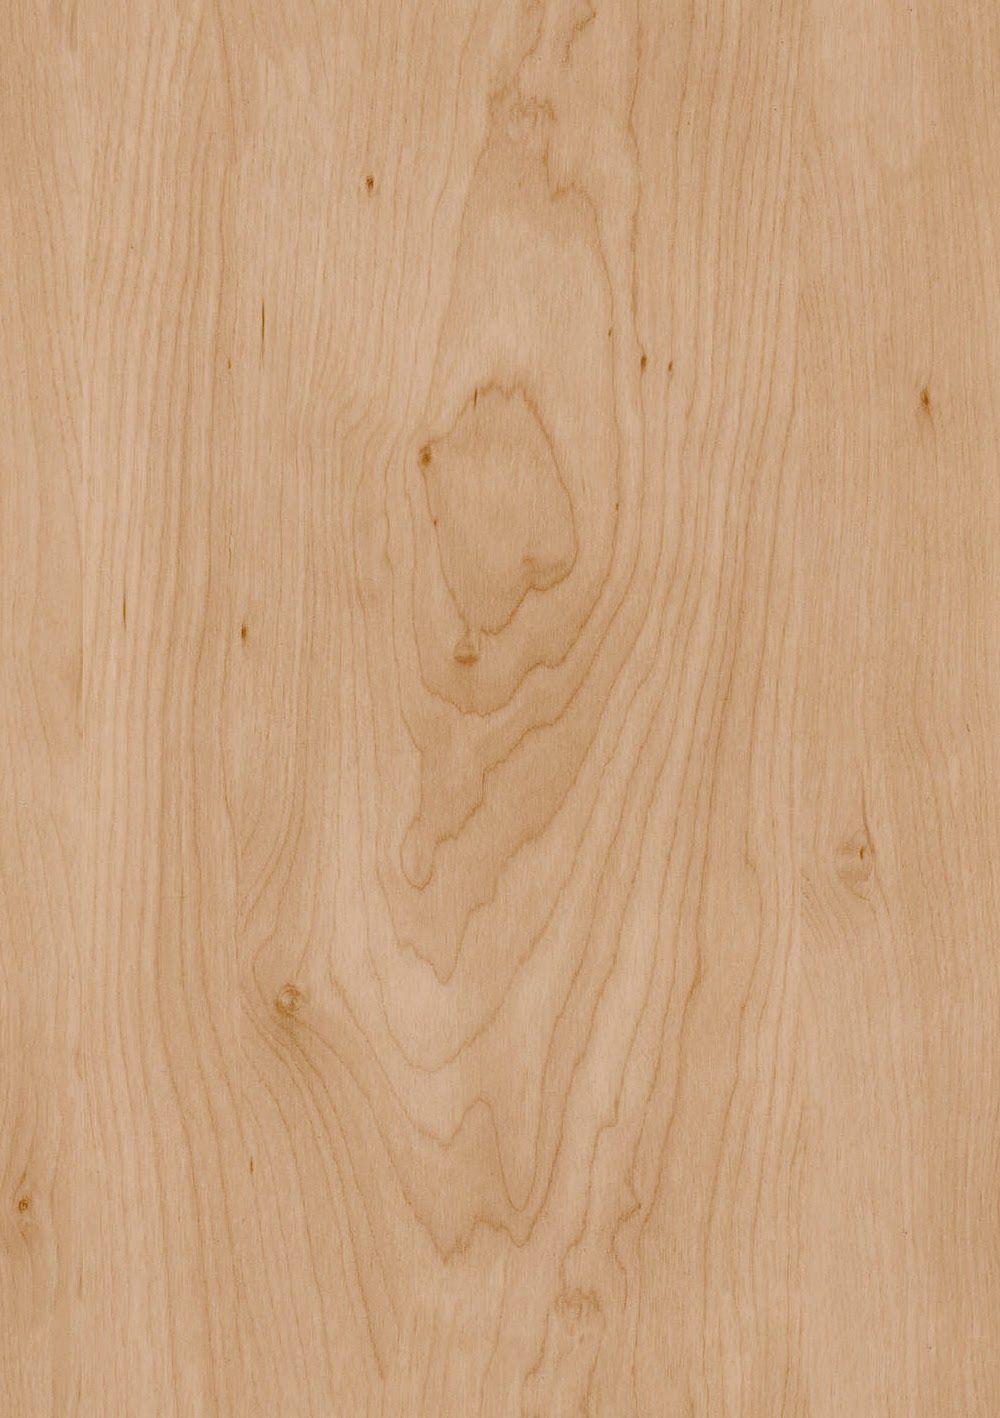 Tileable Wood Fine Texture Maps Texturise Texture